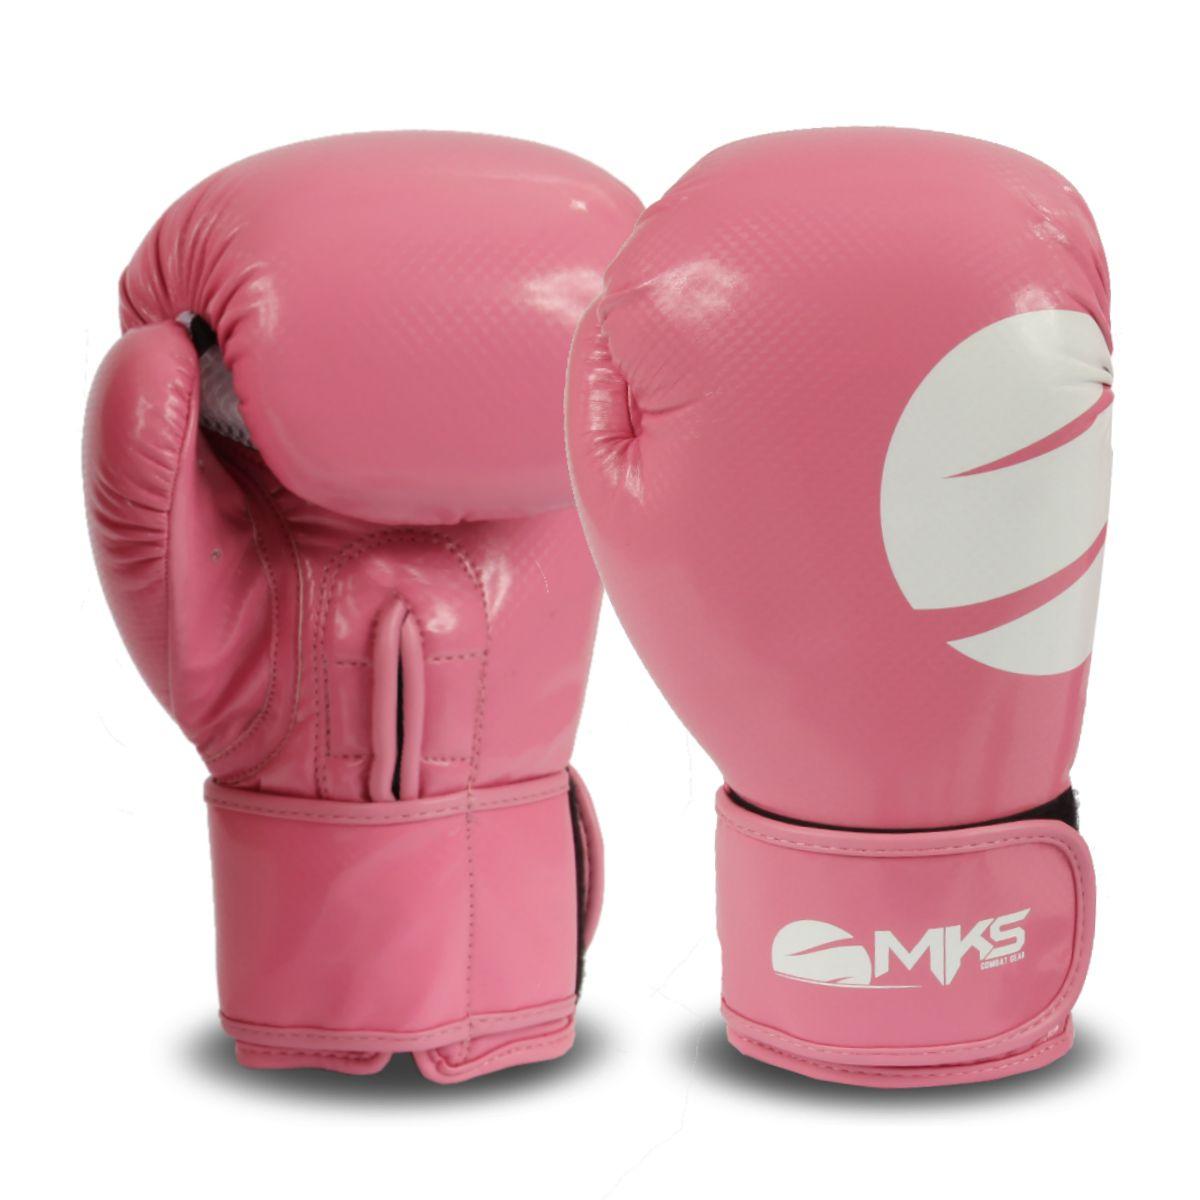 Luva Boxe Lady Mks - Rosa